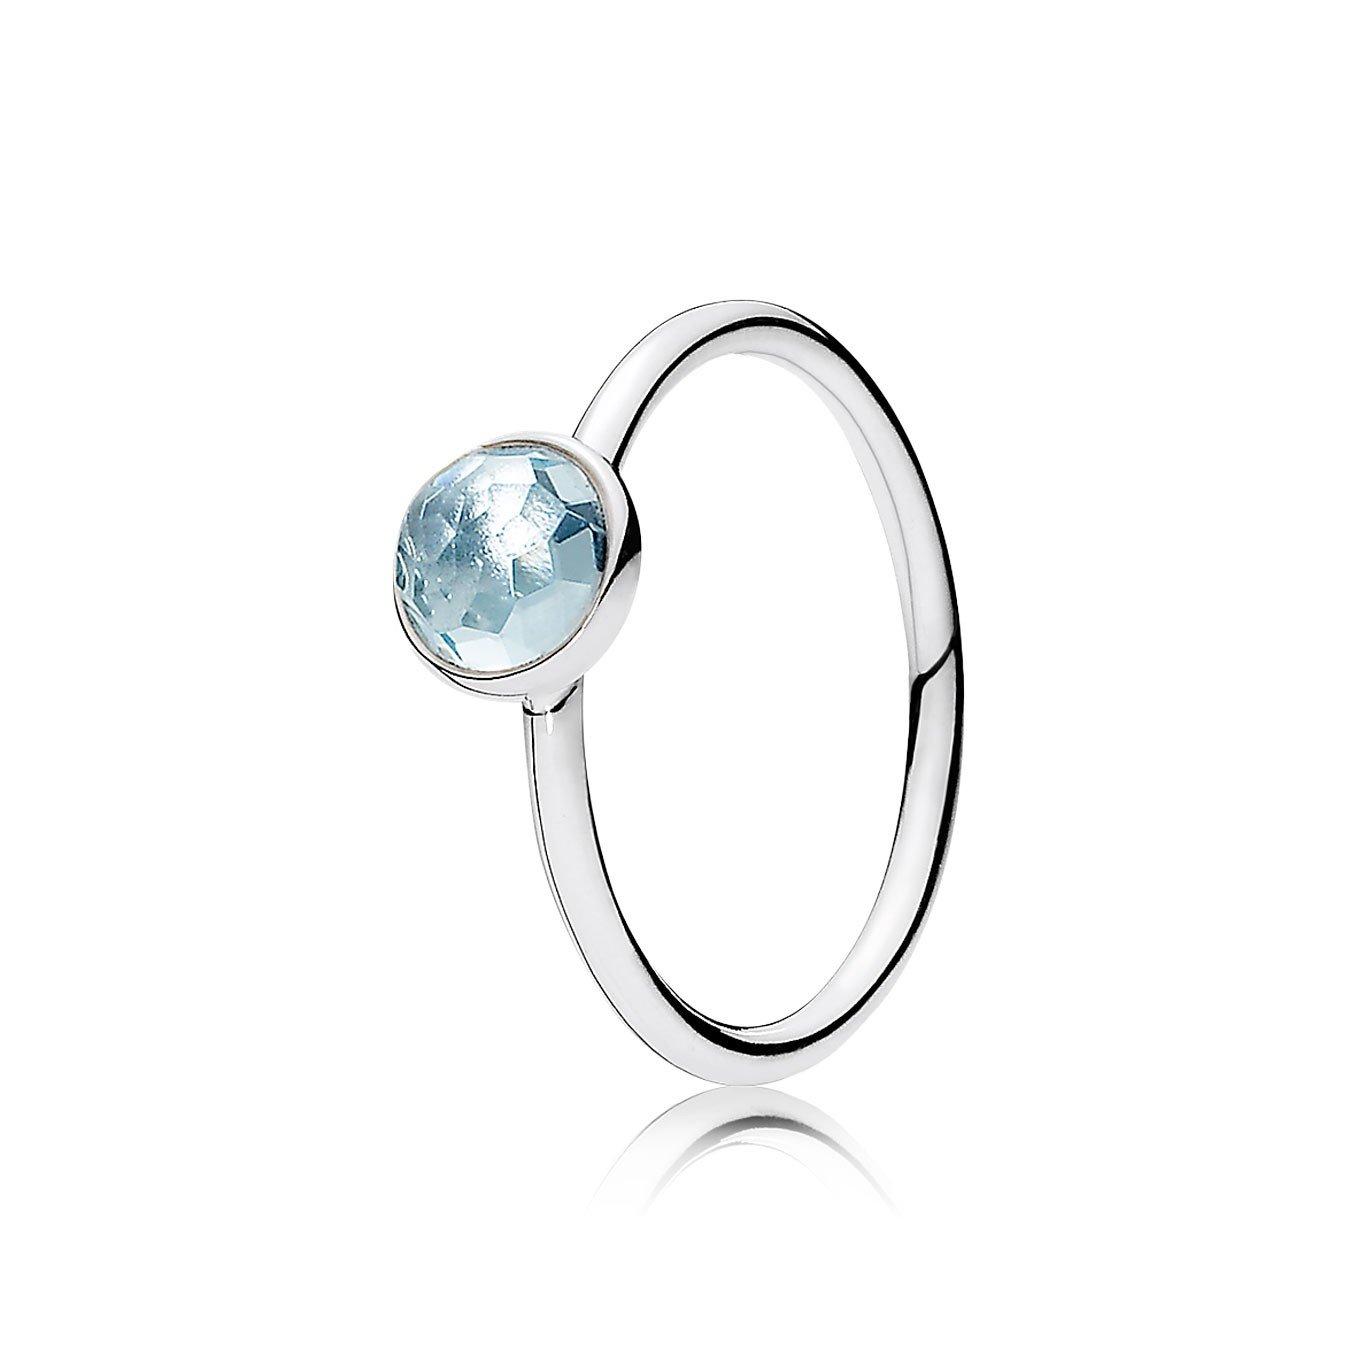 Amazon.com: PANDORA March Droplet Ring, Aqua Blue Crystal ...